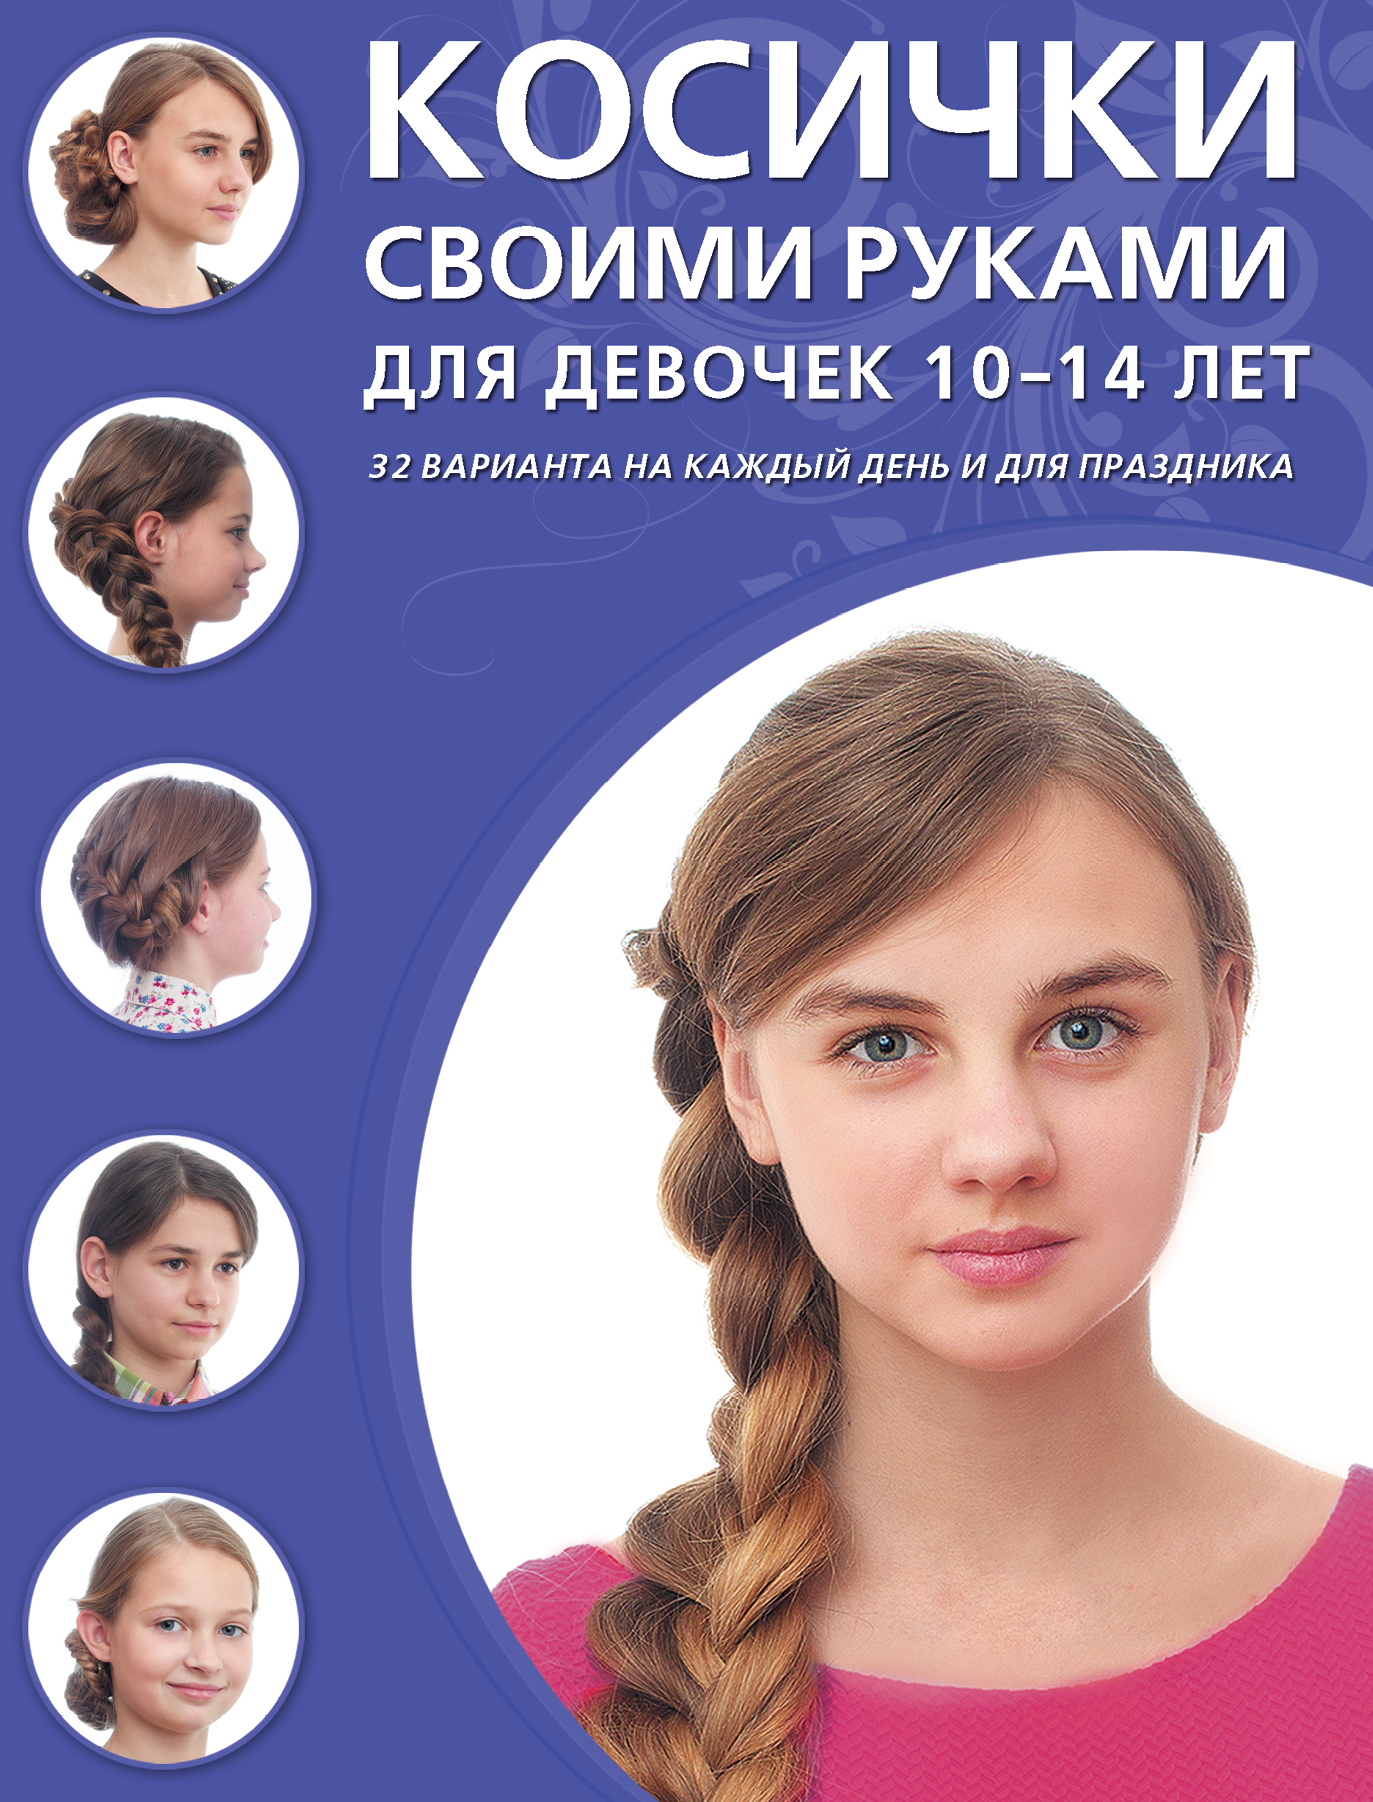 Косички своими руками для девочек 10-14 лет домашний парикмахер самые стильные стрижки и прически своими руками cd с видеокурсом